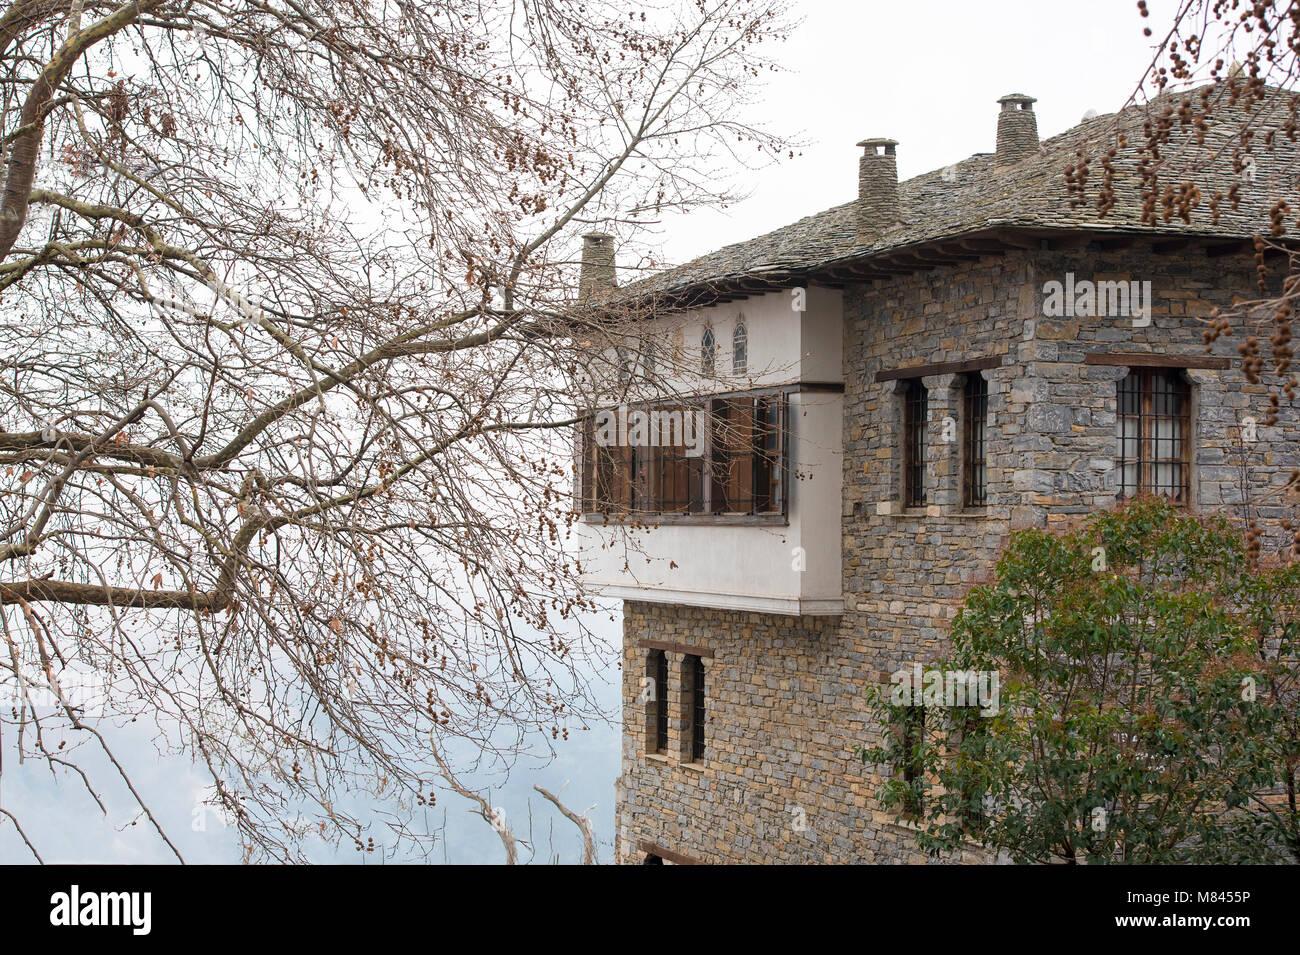 Case In Pietra Di Montagna : Tipica architettura di case in pietra pelion zona di montagna